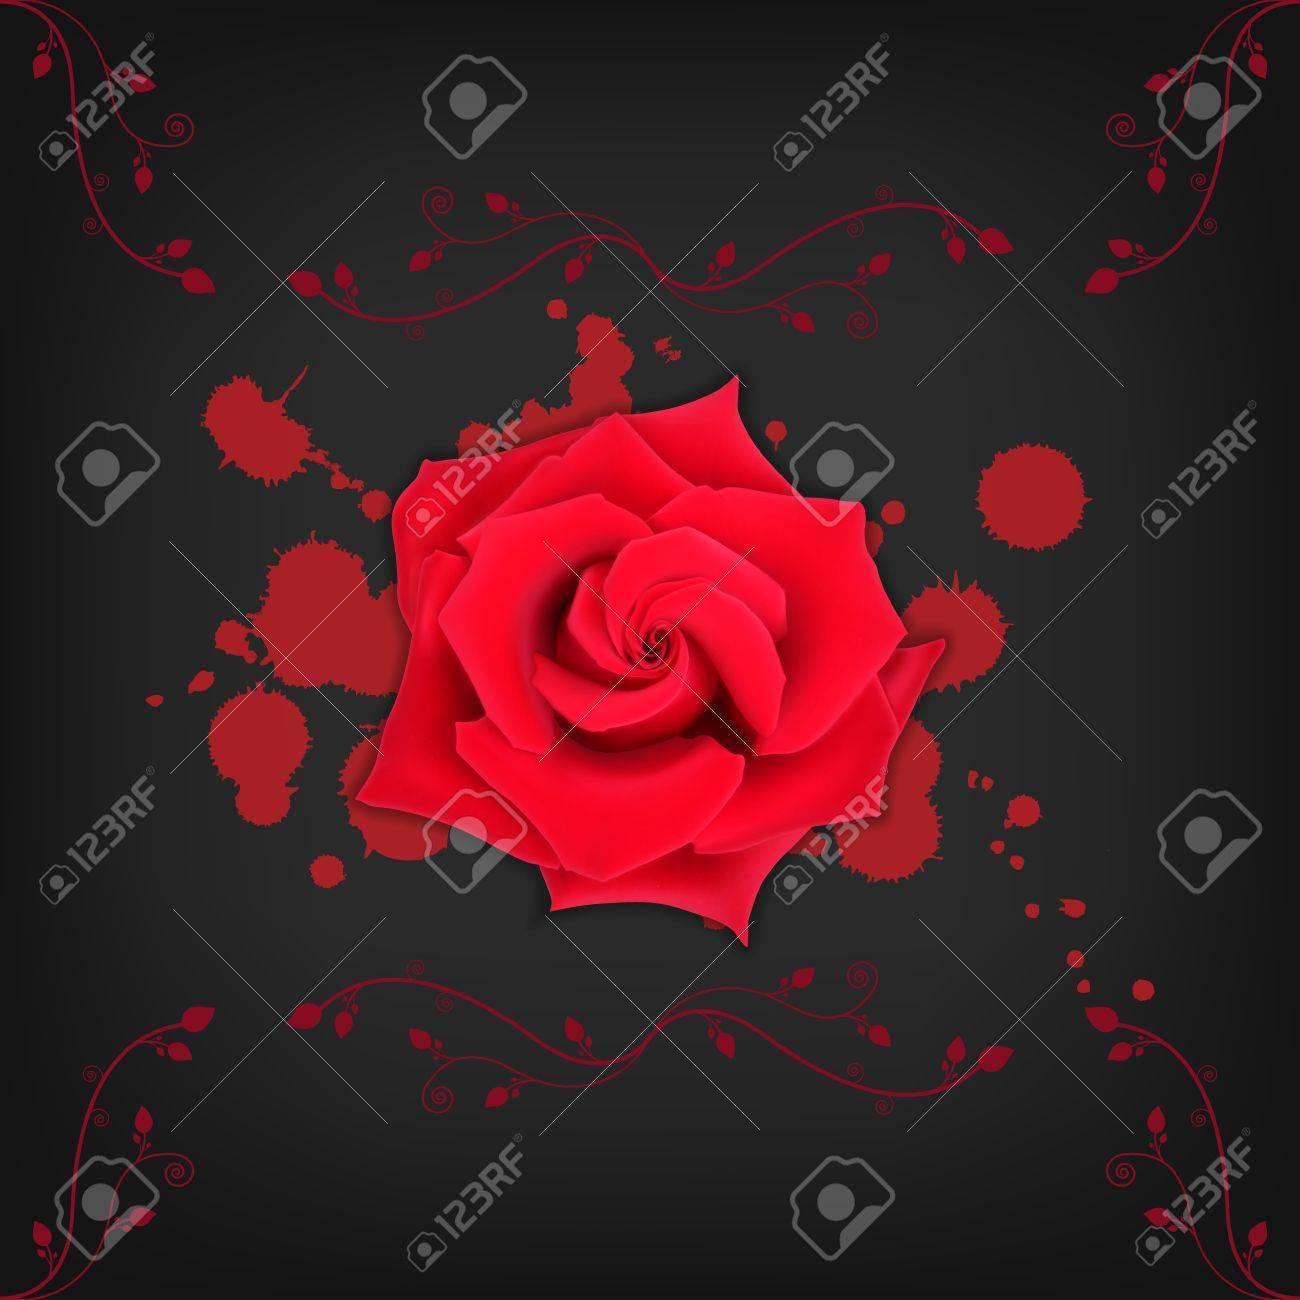 Vettoriale Rosa Rossa Con Spruzzi Su Sfondo Nero Spruzzi